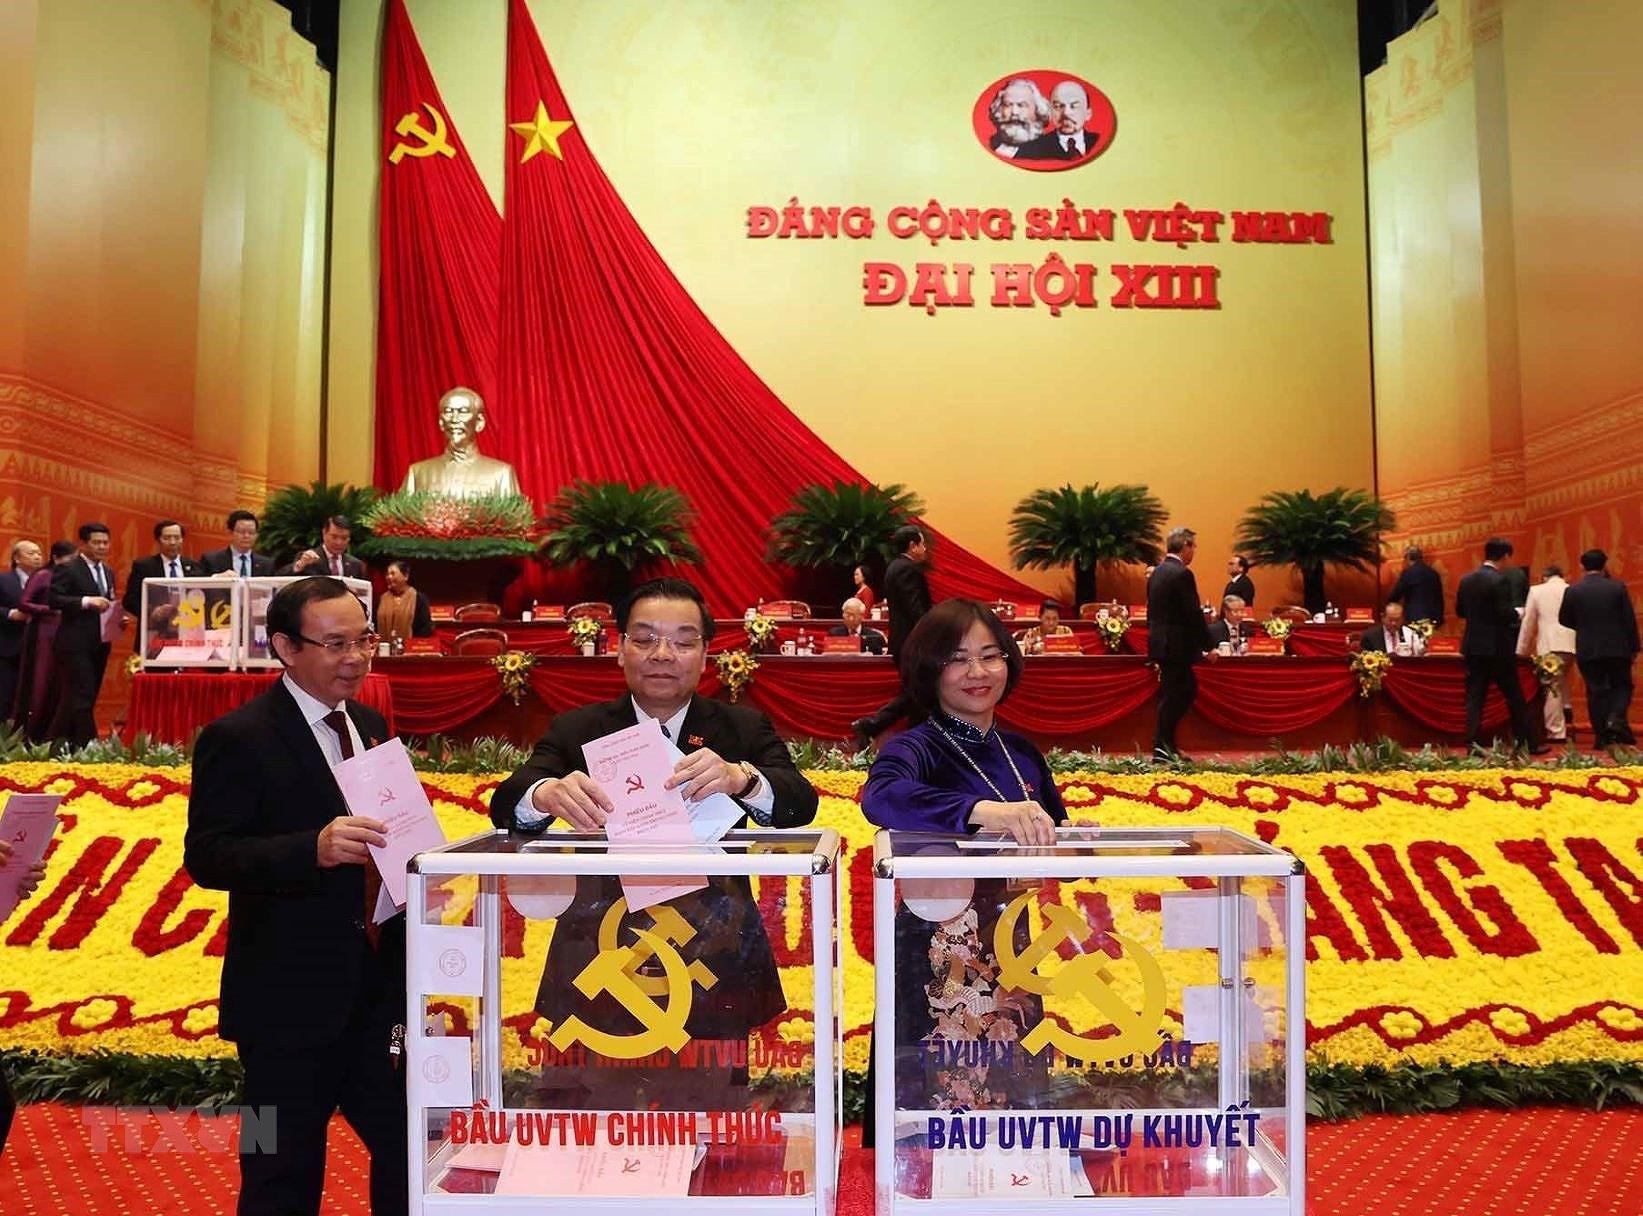 Đại hội XIII đã bỏ phiếu bầu Ban Chấp hành Trung ương khóa mới - Ảnh 5.